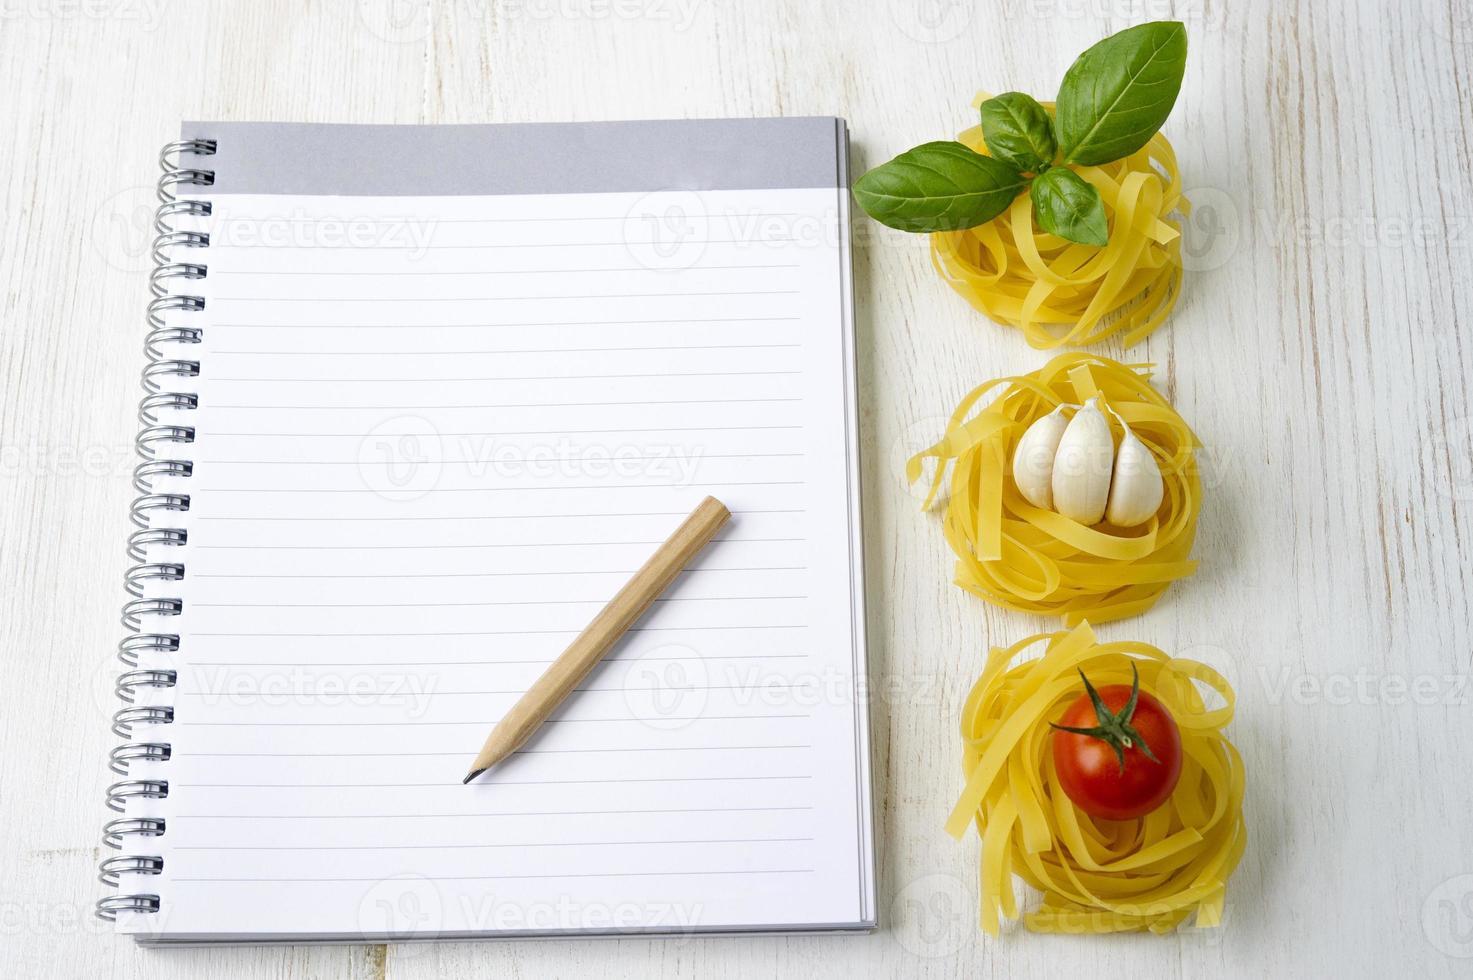 pasta con libro de recetas en blanco foto